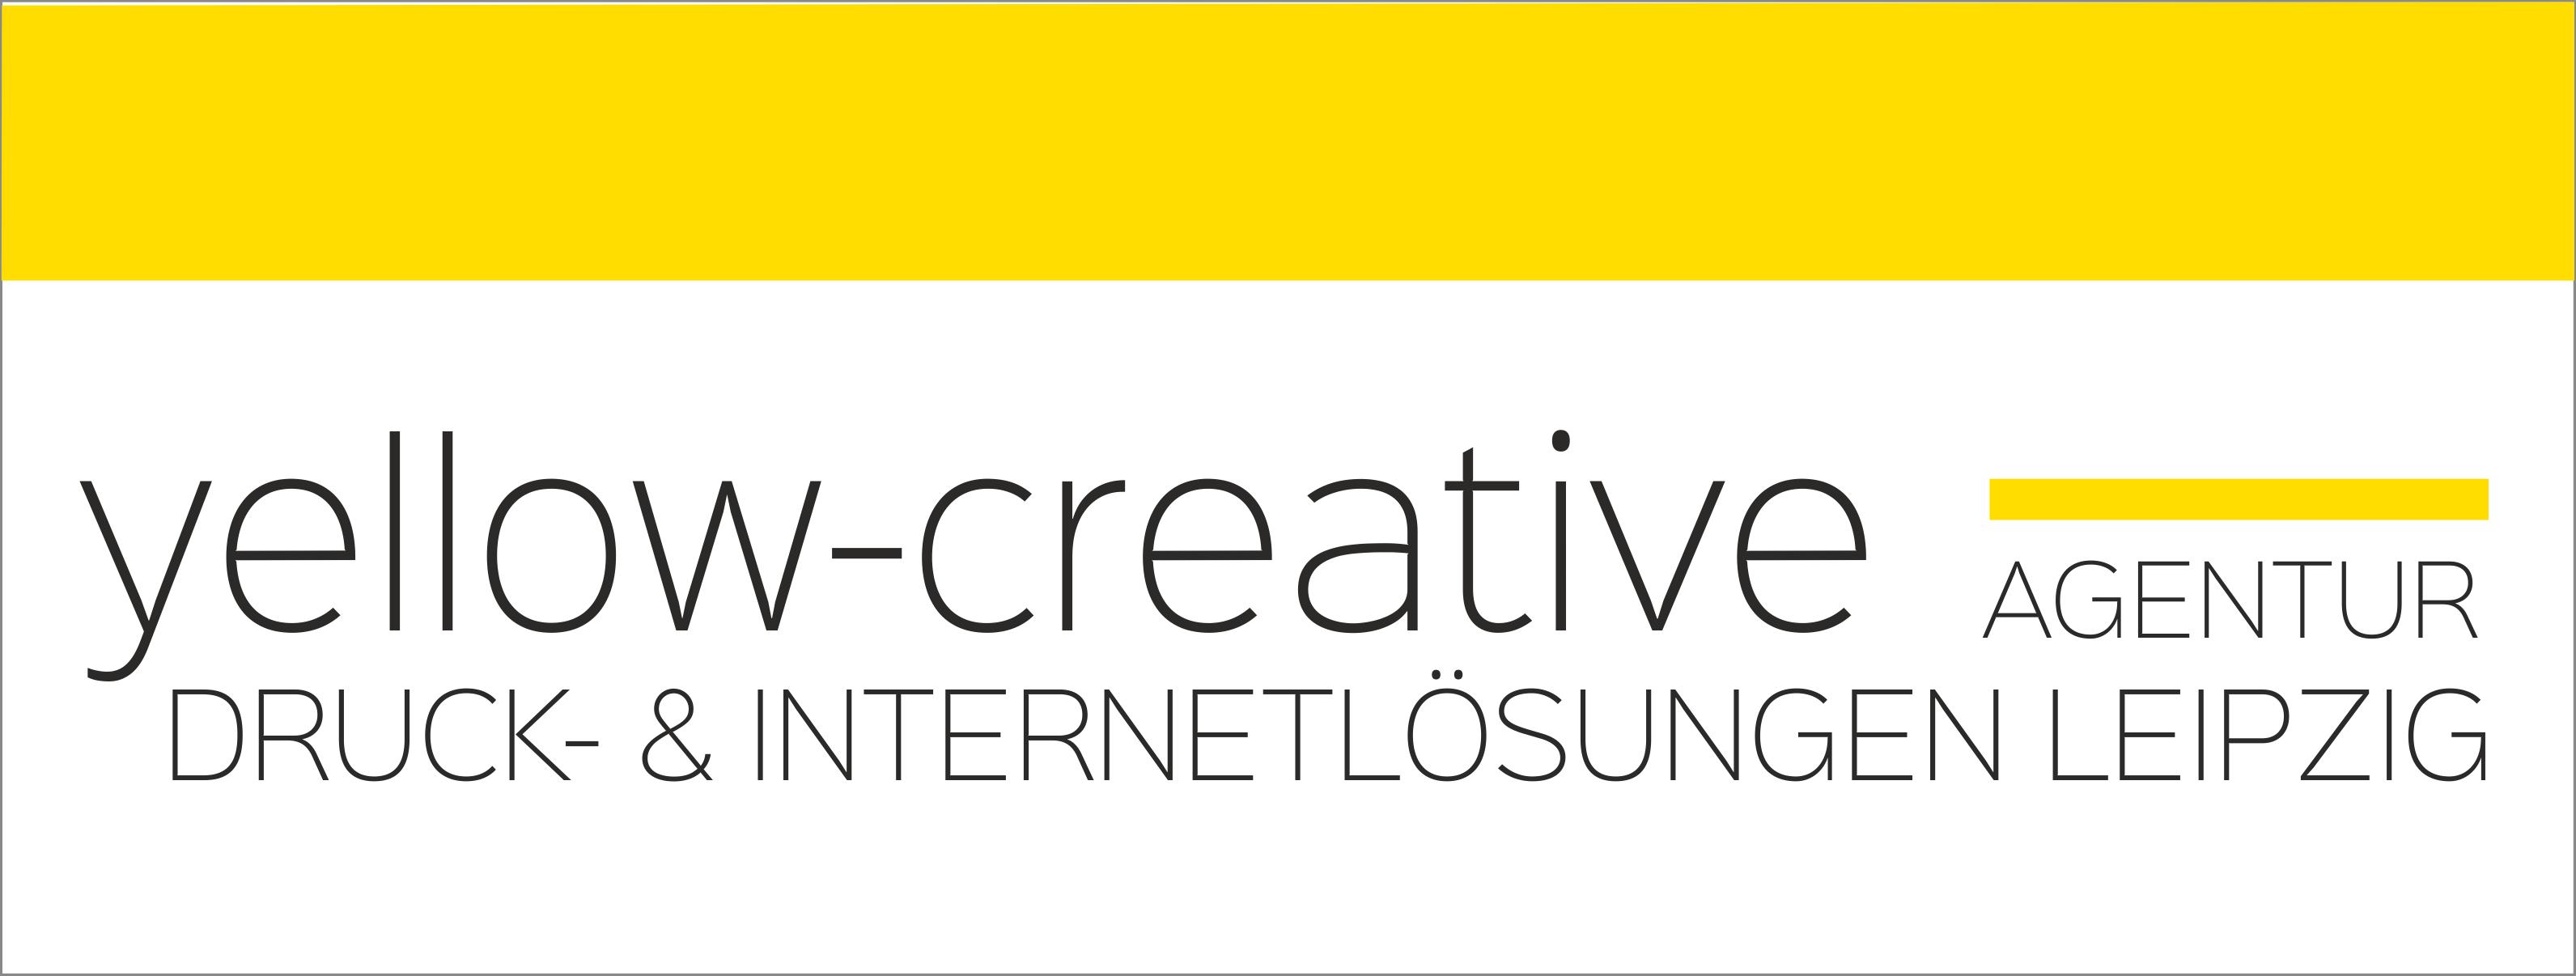 Internetagentur Leipzig Yellow Creative Agentur Für Druck